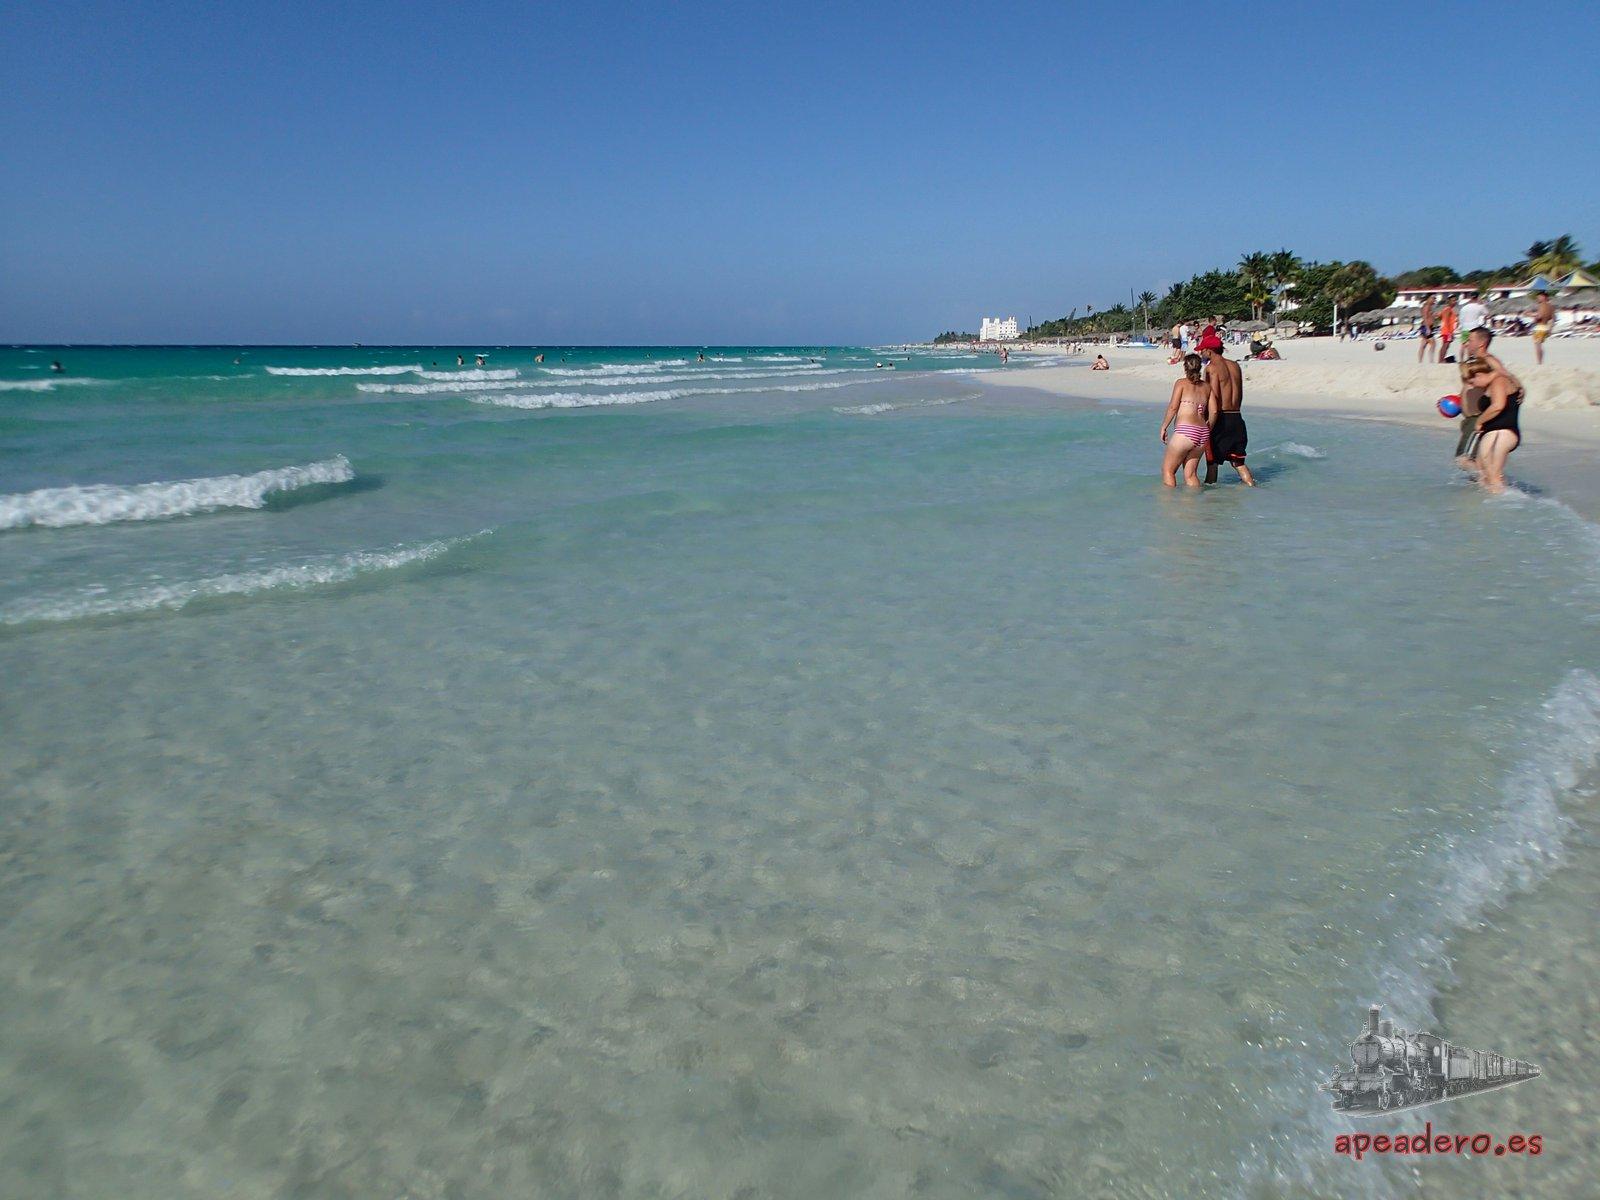 La playa de Varadero, aguas turquesa y cristalinas